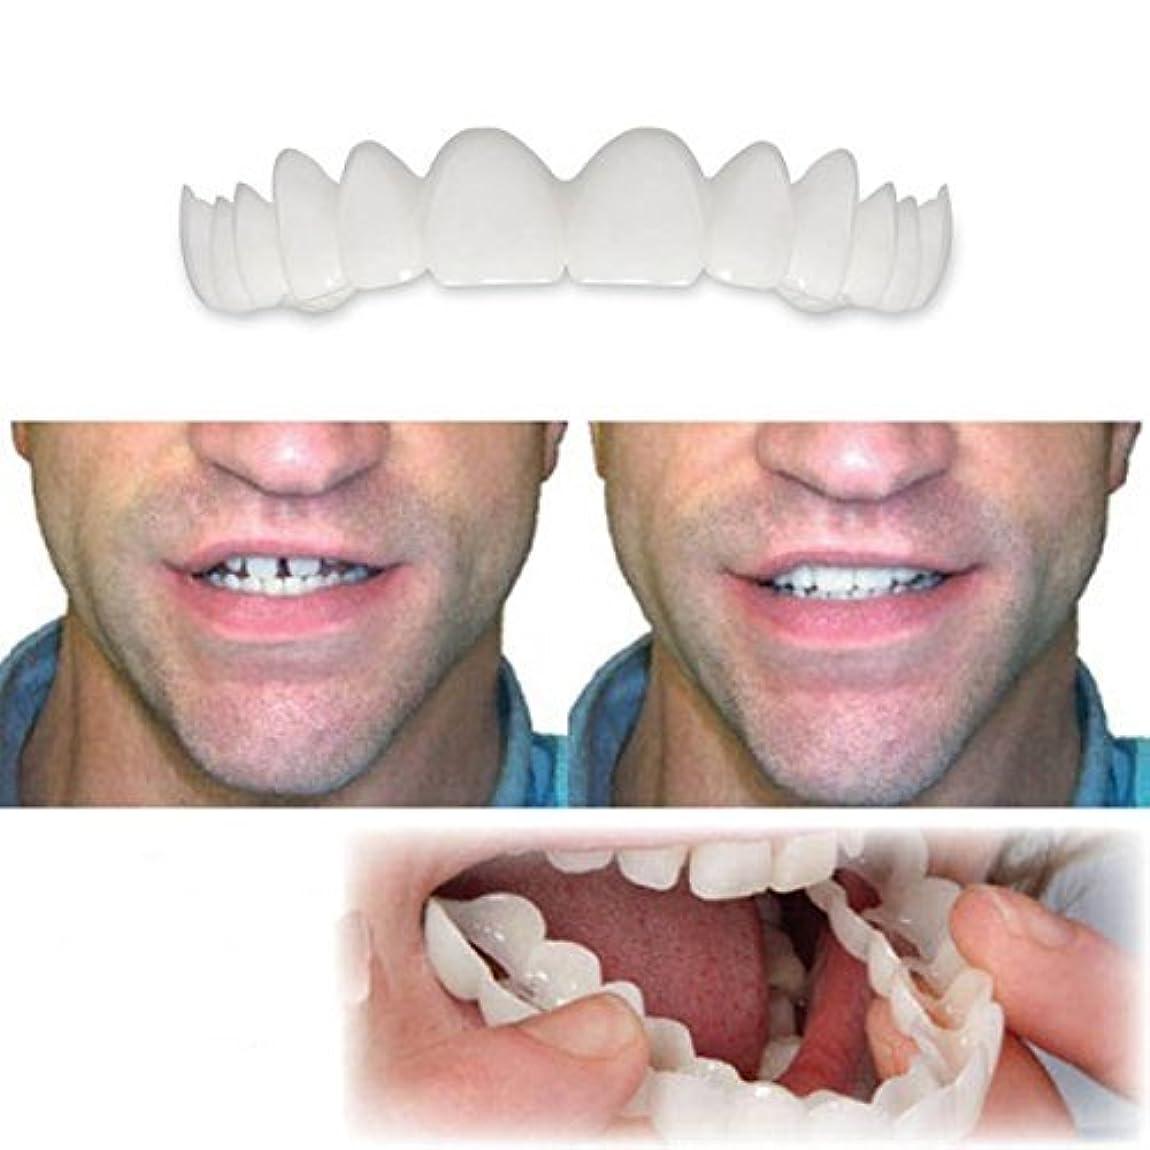 完璧な共感する愛されし者義歯上下義歯インスタントスマイルコンフォートフィットフレックスコスメティックティーストップ化粧品突き合わせ箱入り(下+上),2Pairs